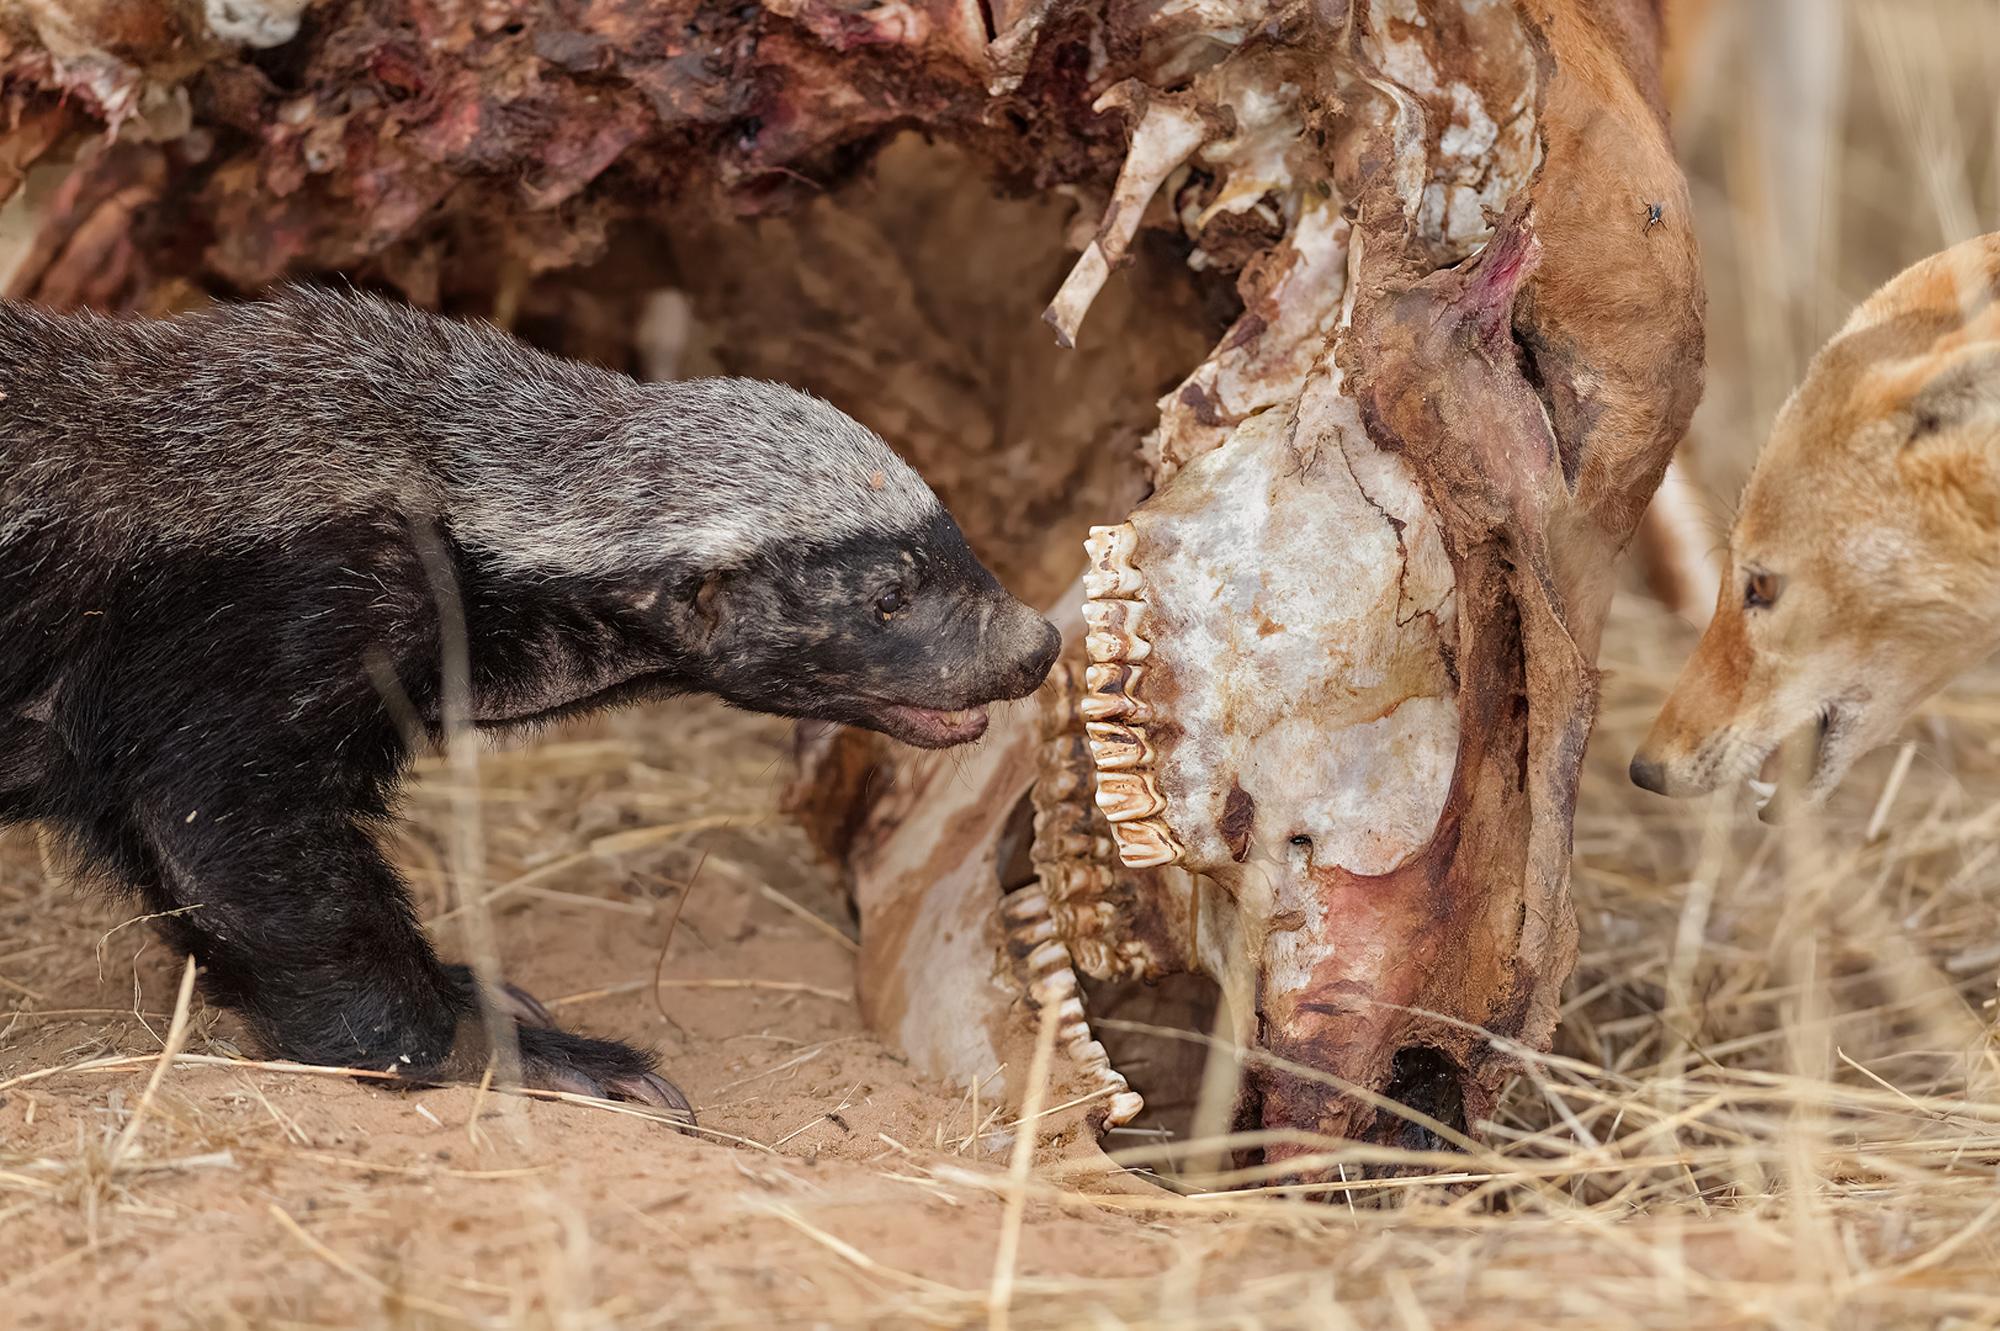 Honey badger and black-backed jackal